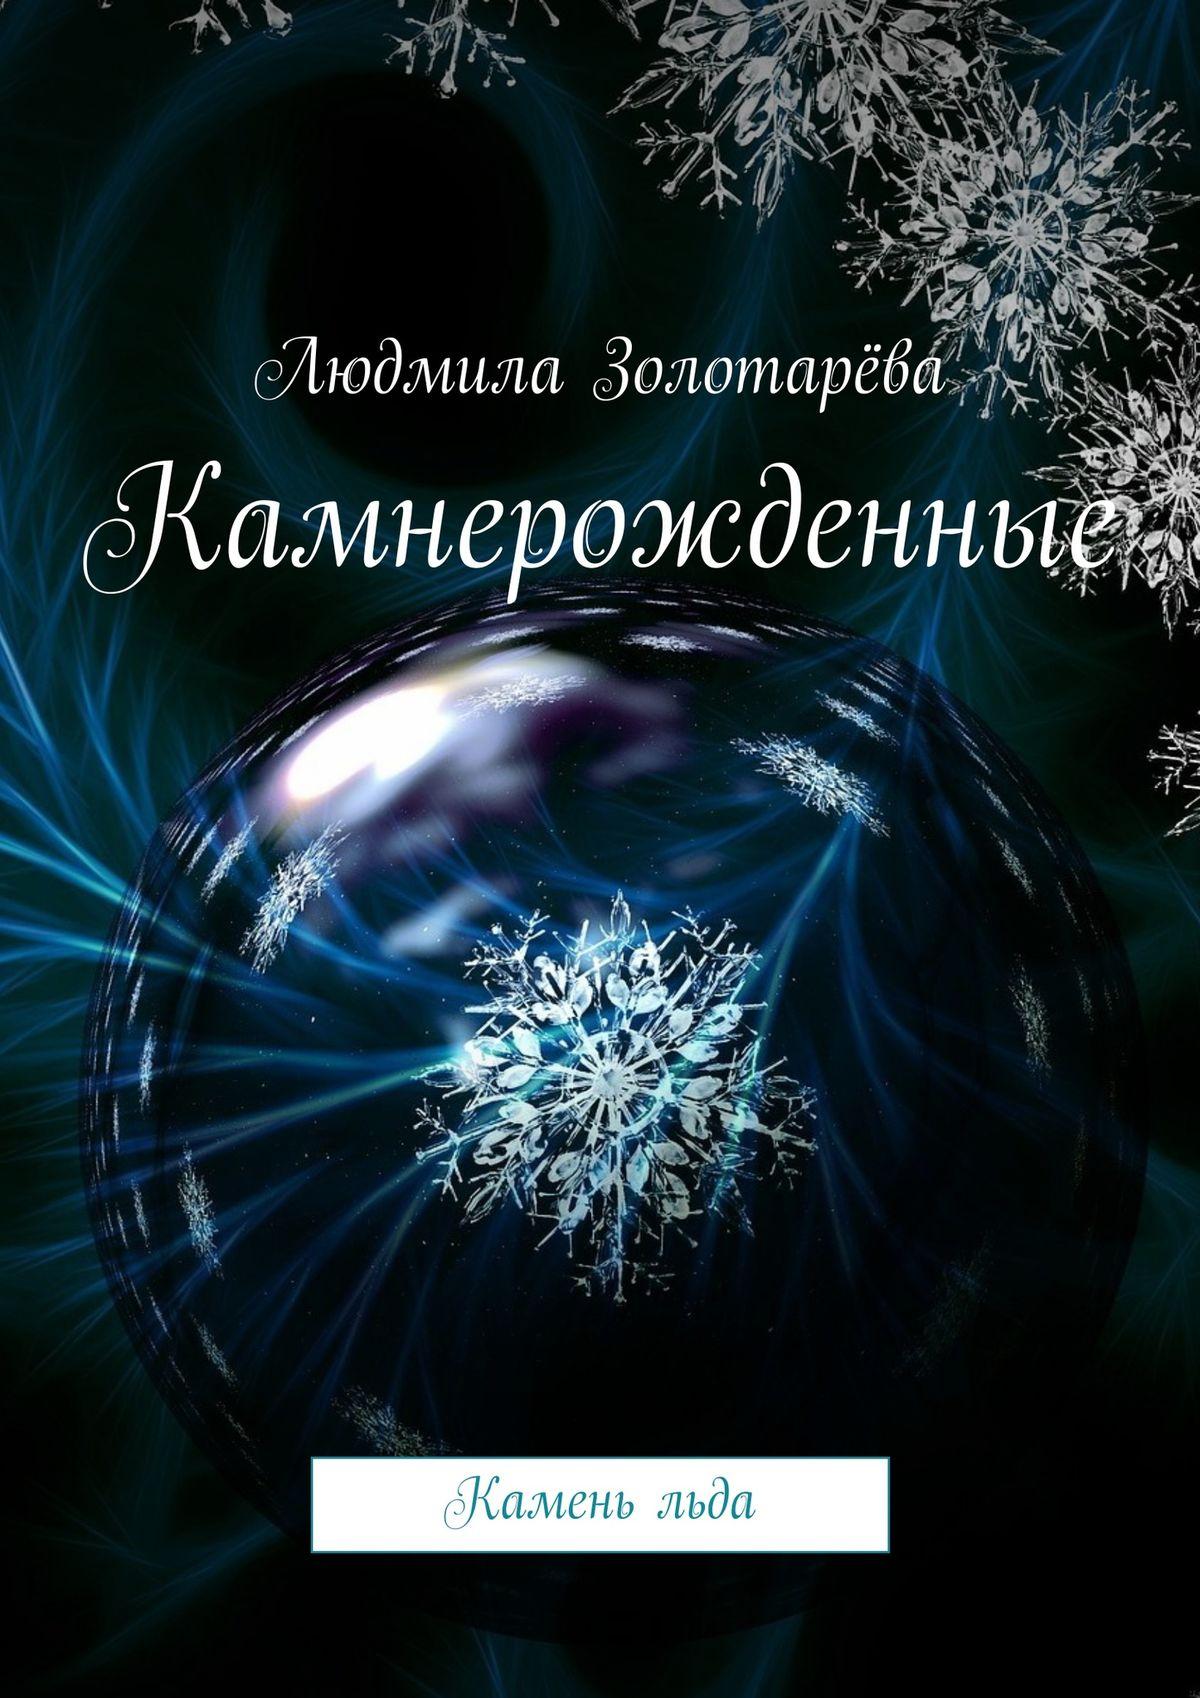 Людмила Золотарёва Камнерожденные. Камень льда